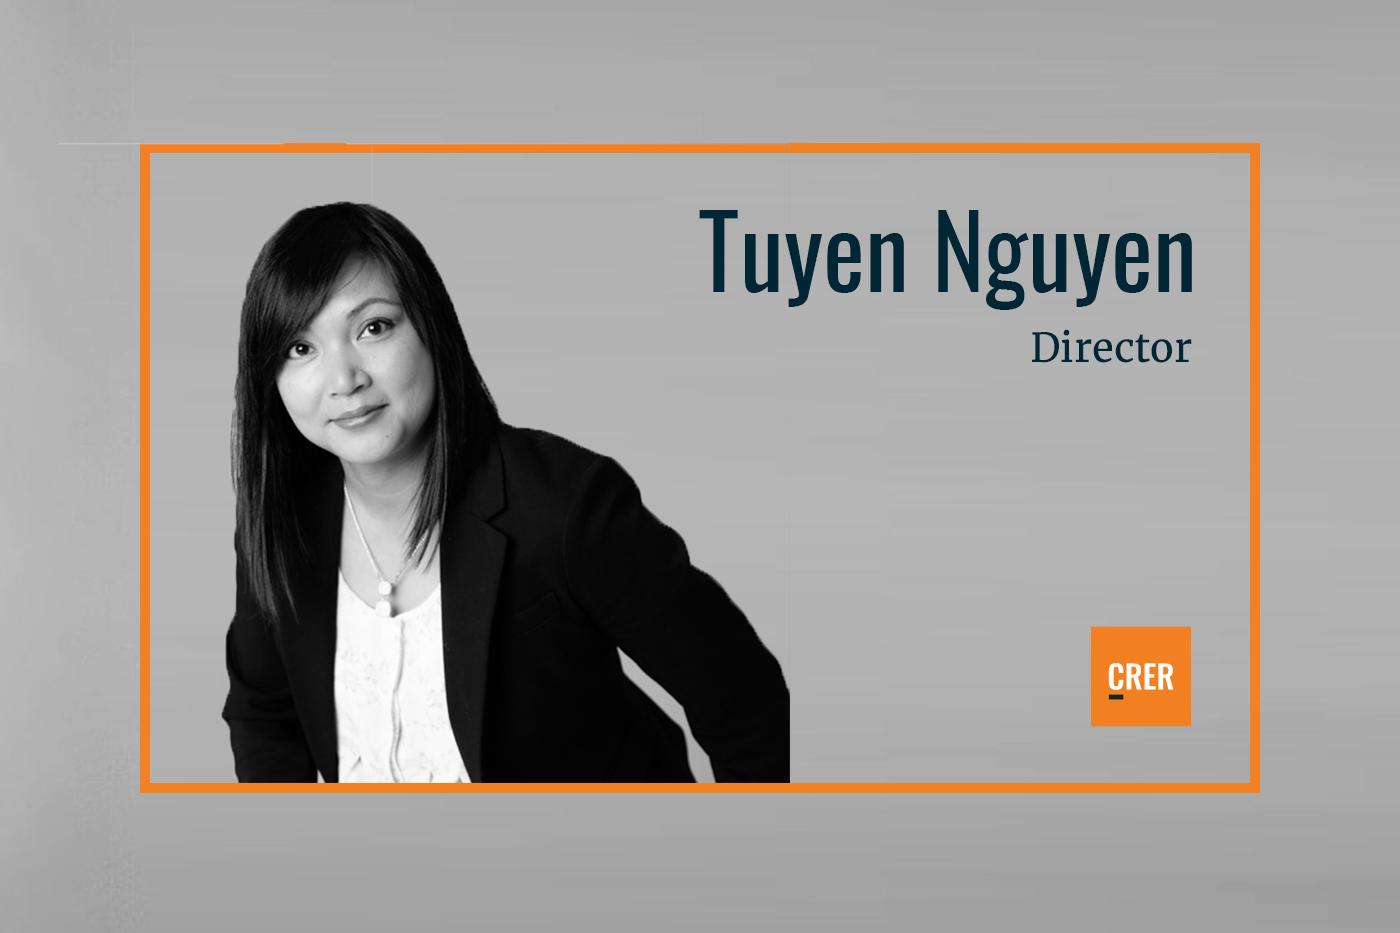 Tuyen Nguyen Joins CRER